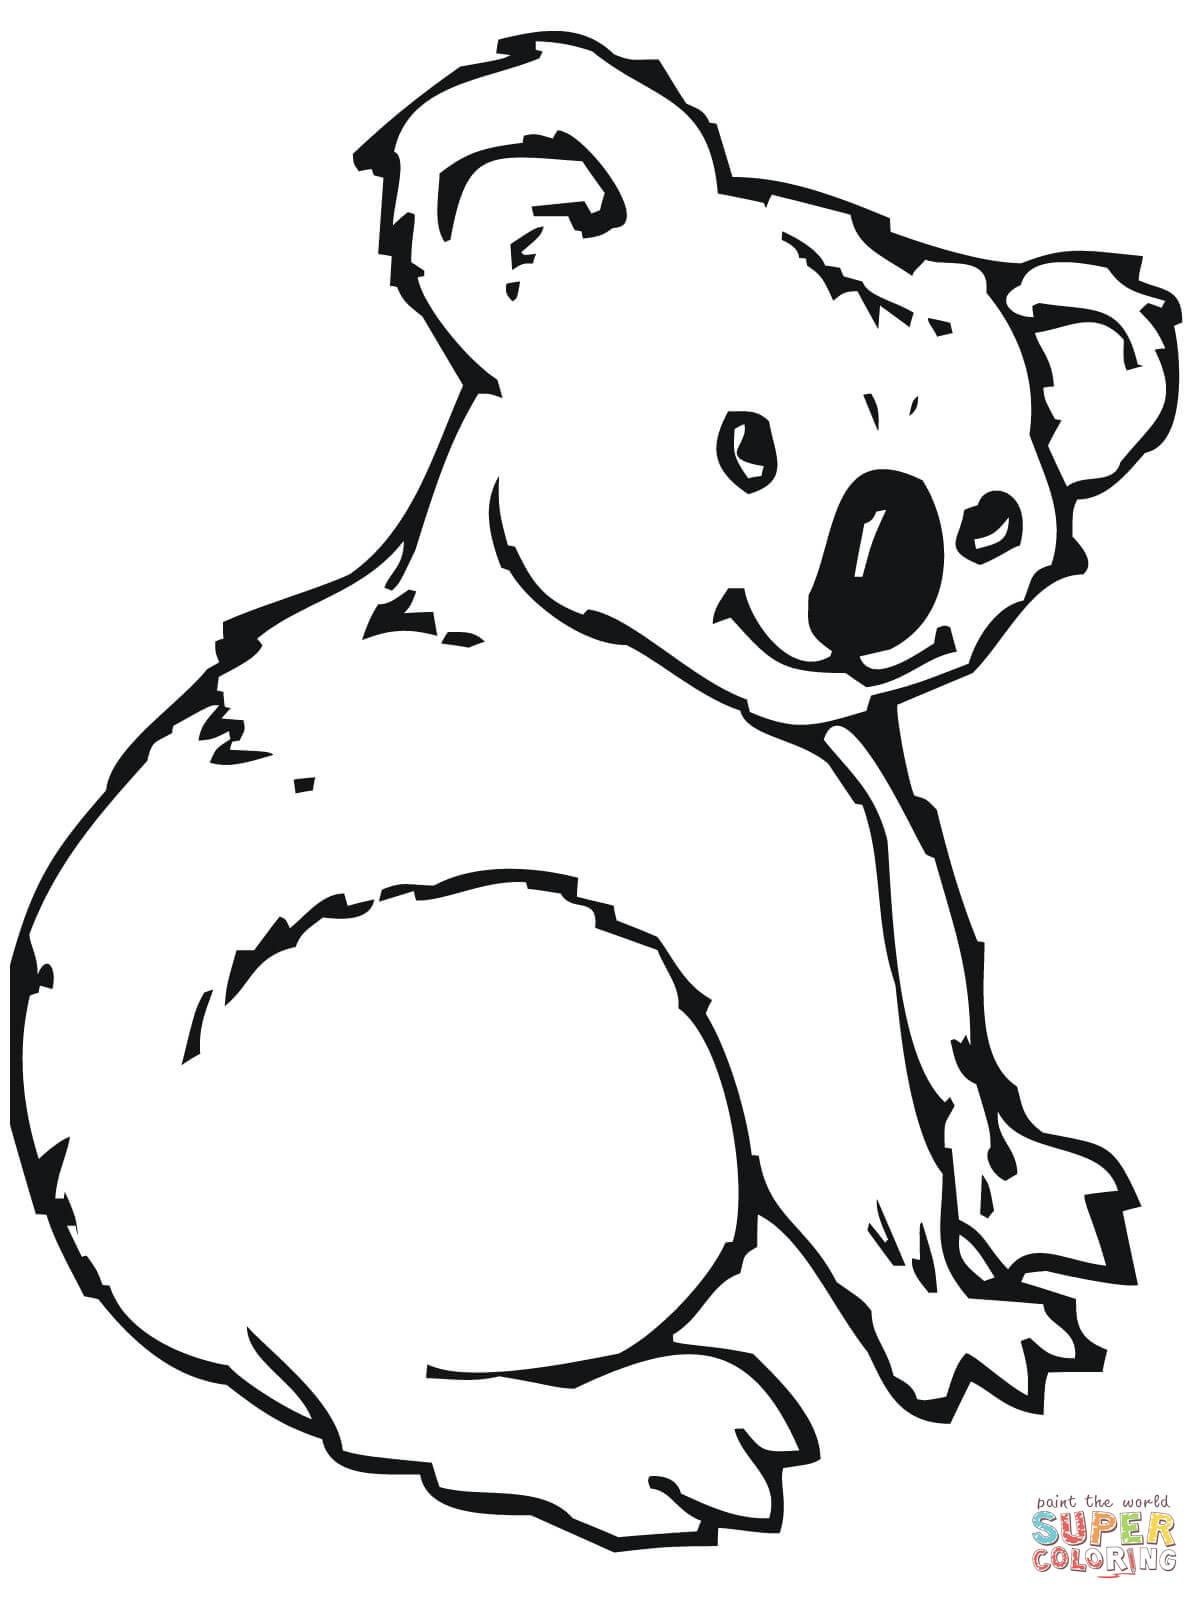 Ausmalbild: Niedlicher Koala | Ausmalbilder Kostenlos Zum bestimmt für Malvorlage Koala